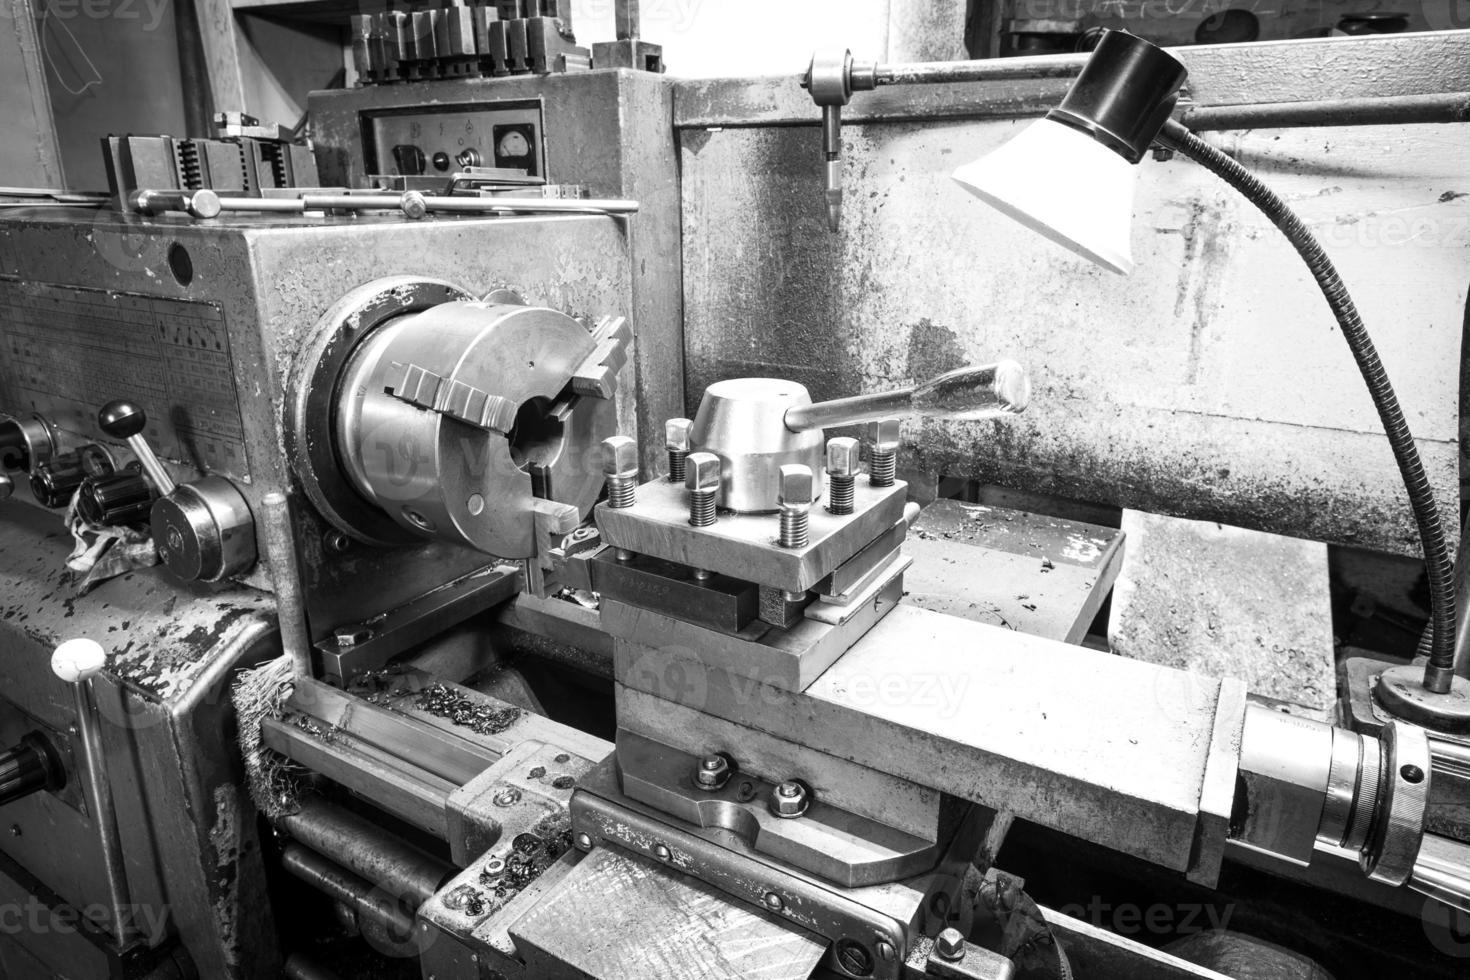 zwart-wit foto van een draaibank werktuigmachine